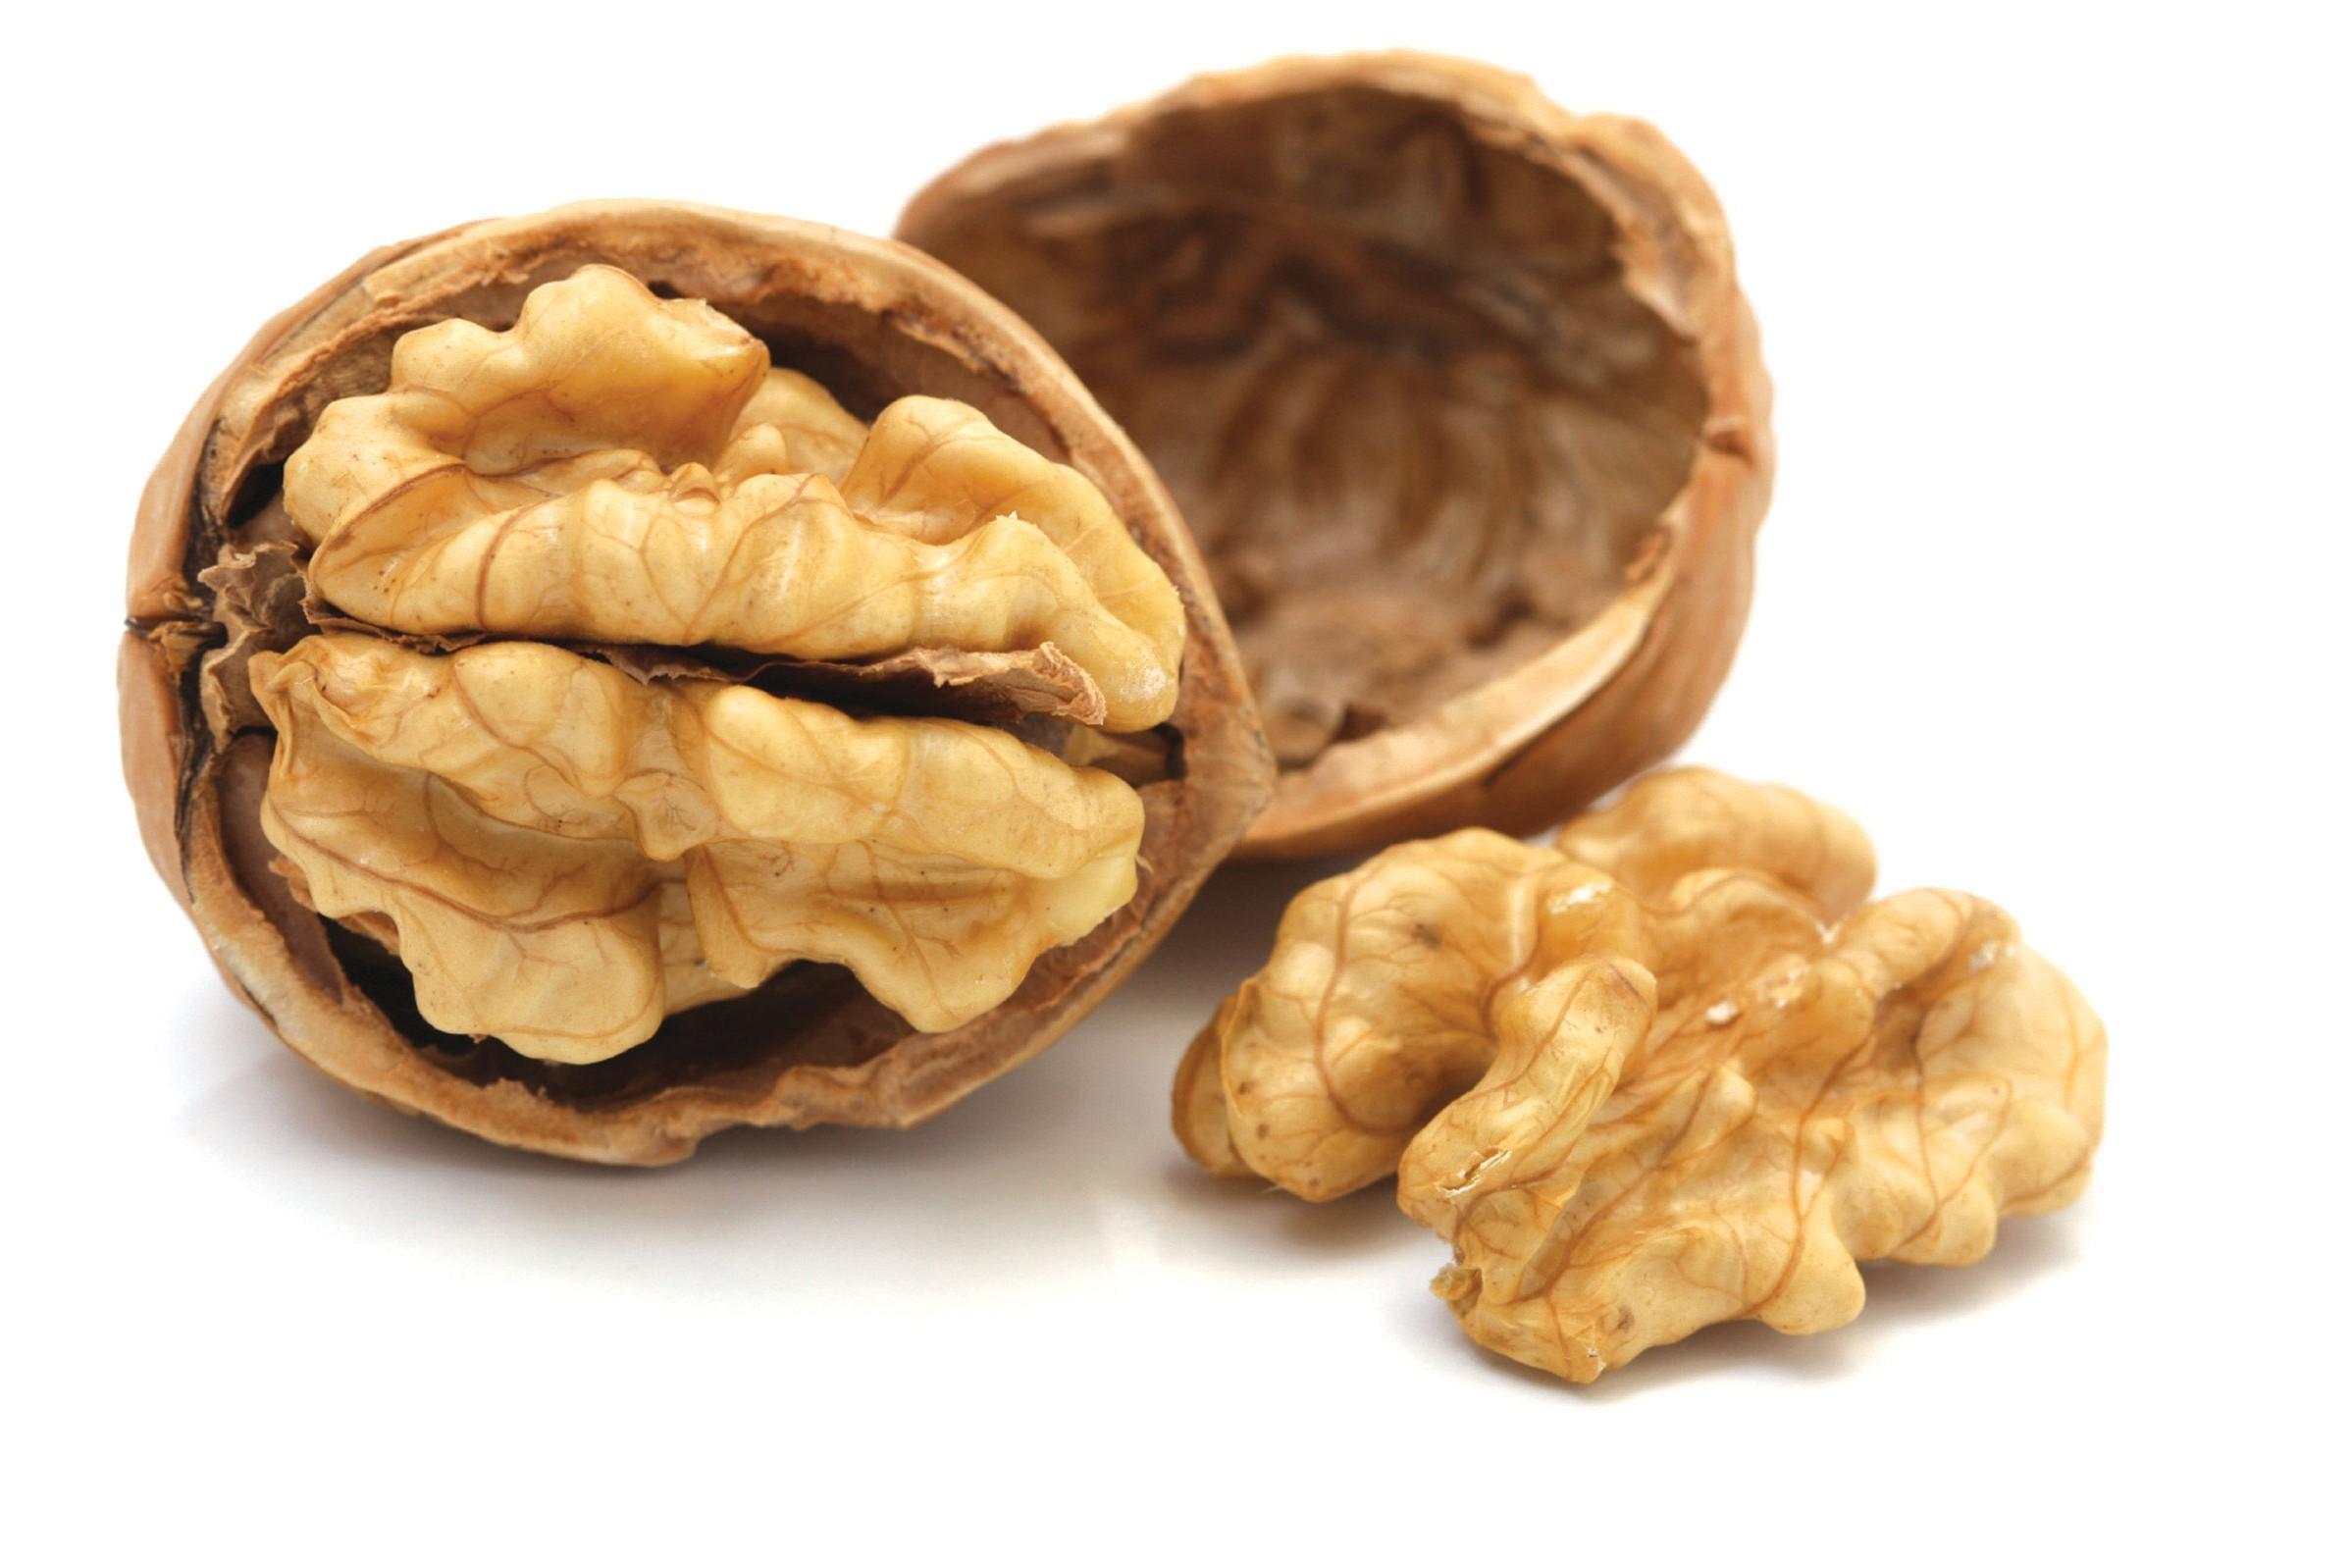 Dieta per prevenire artrite e infarto: noci, arance e non solo